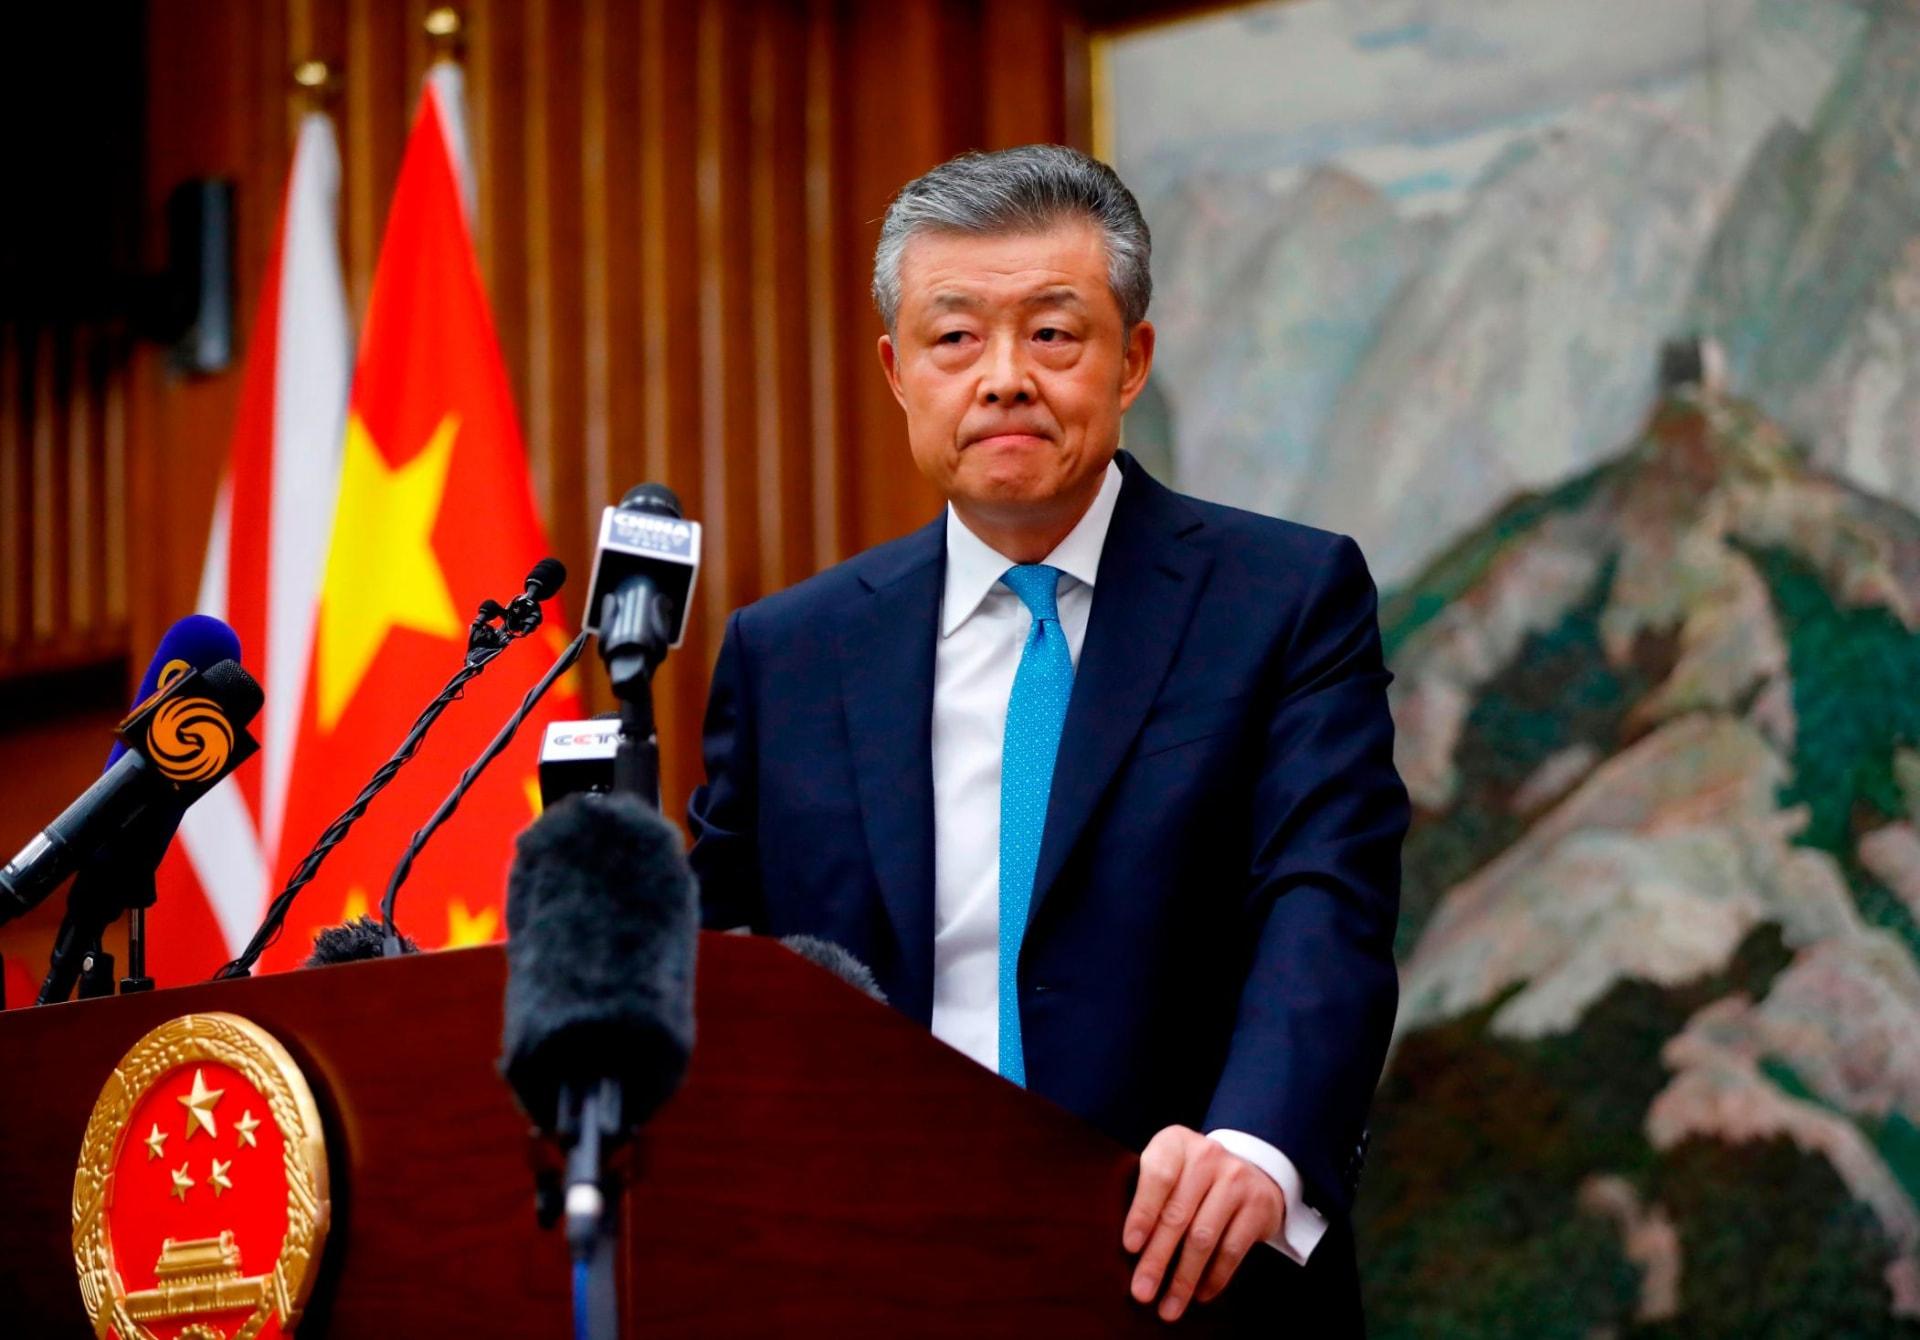 """حساب السفير الصيني لبريطانيا """"يعجب"""" بتغريدة إباحية.. والسفارة تطلب من تويتر التحقيق"""